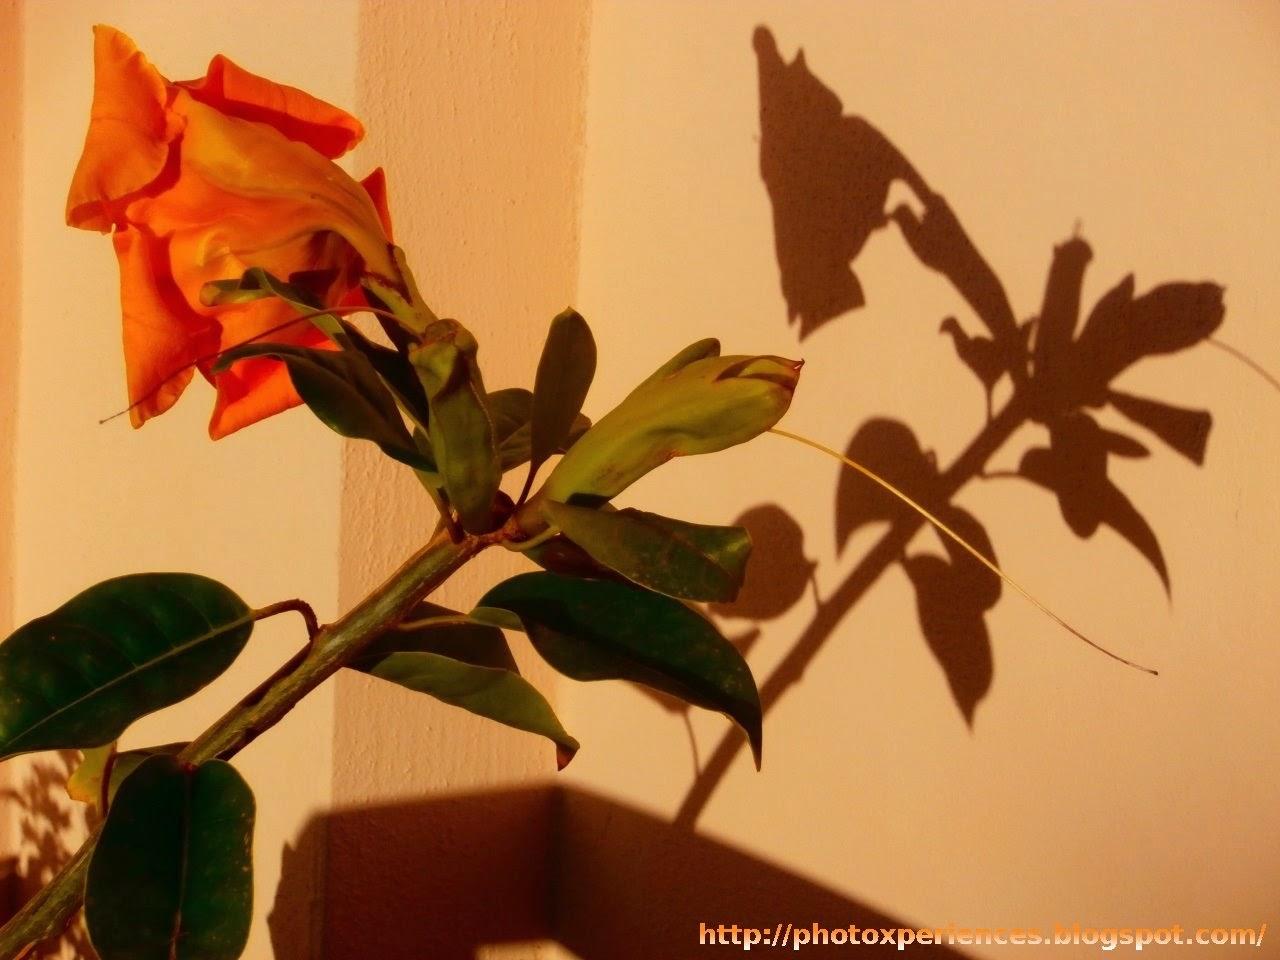 Flowers in Nerja. Flores en Nerja.